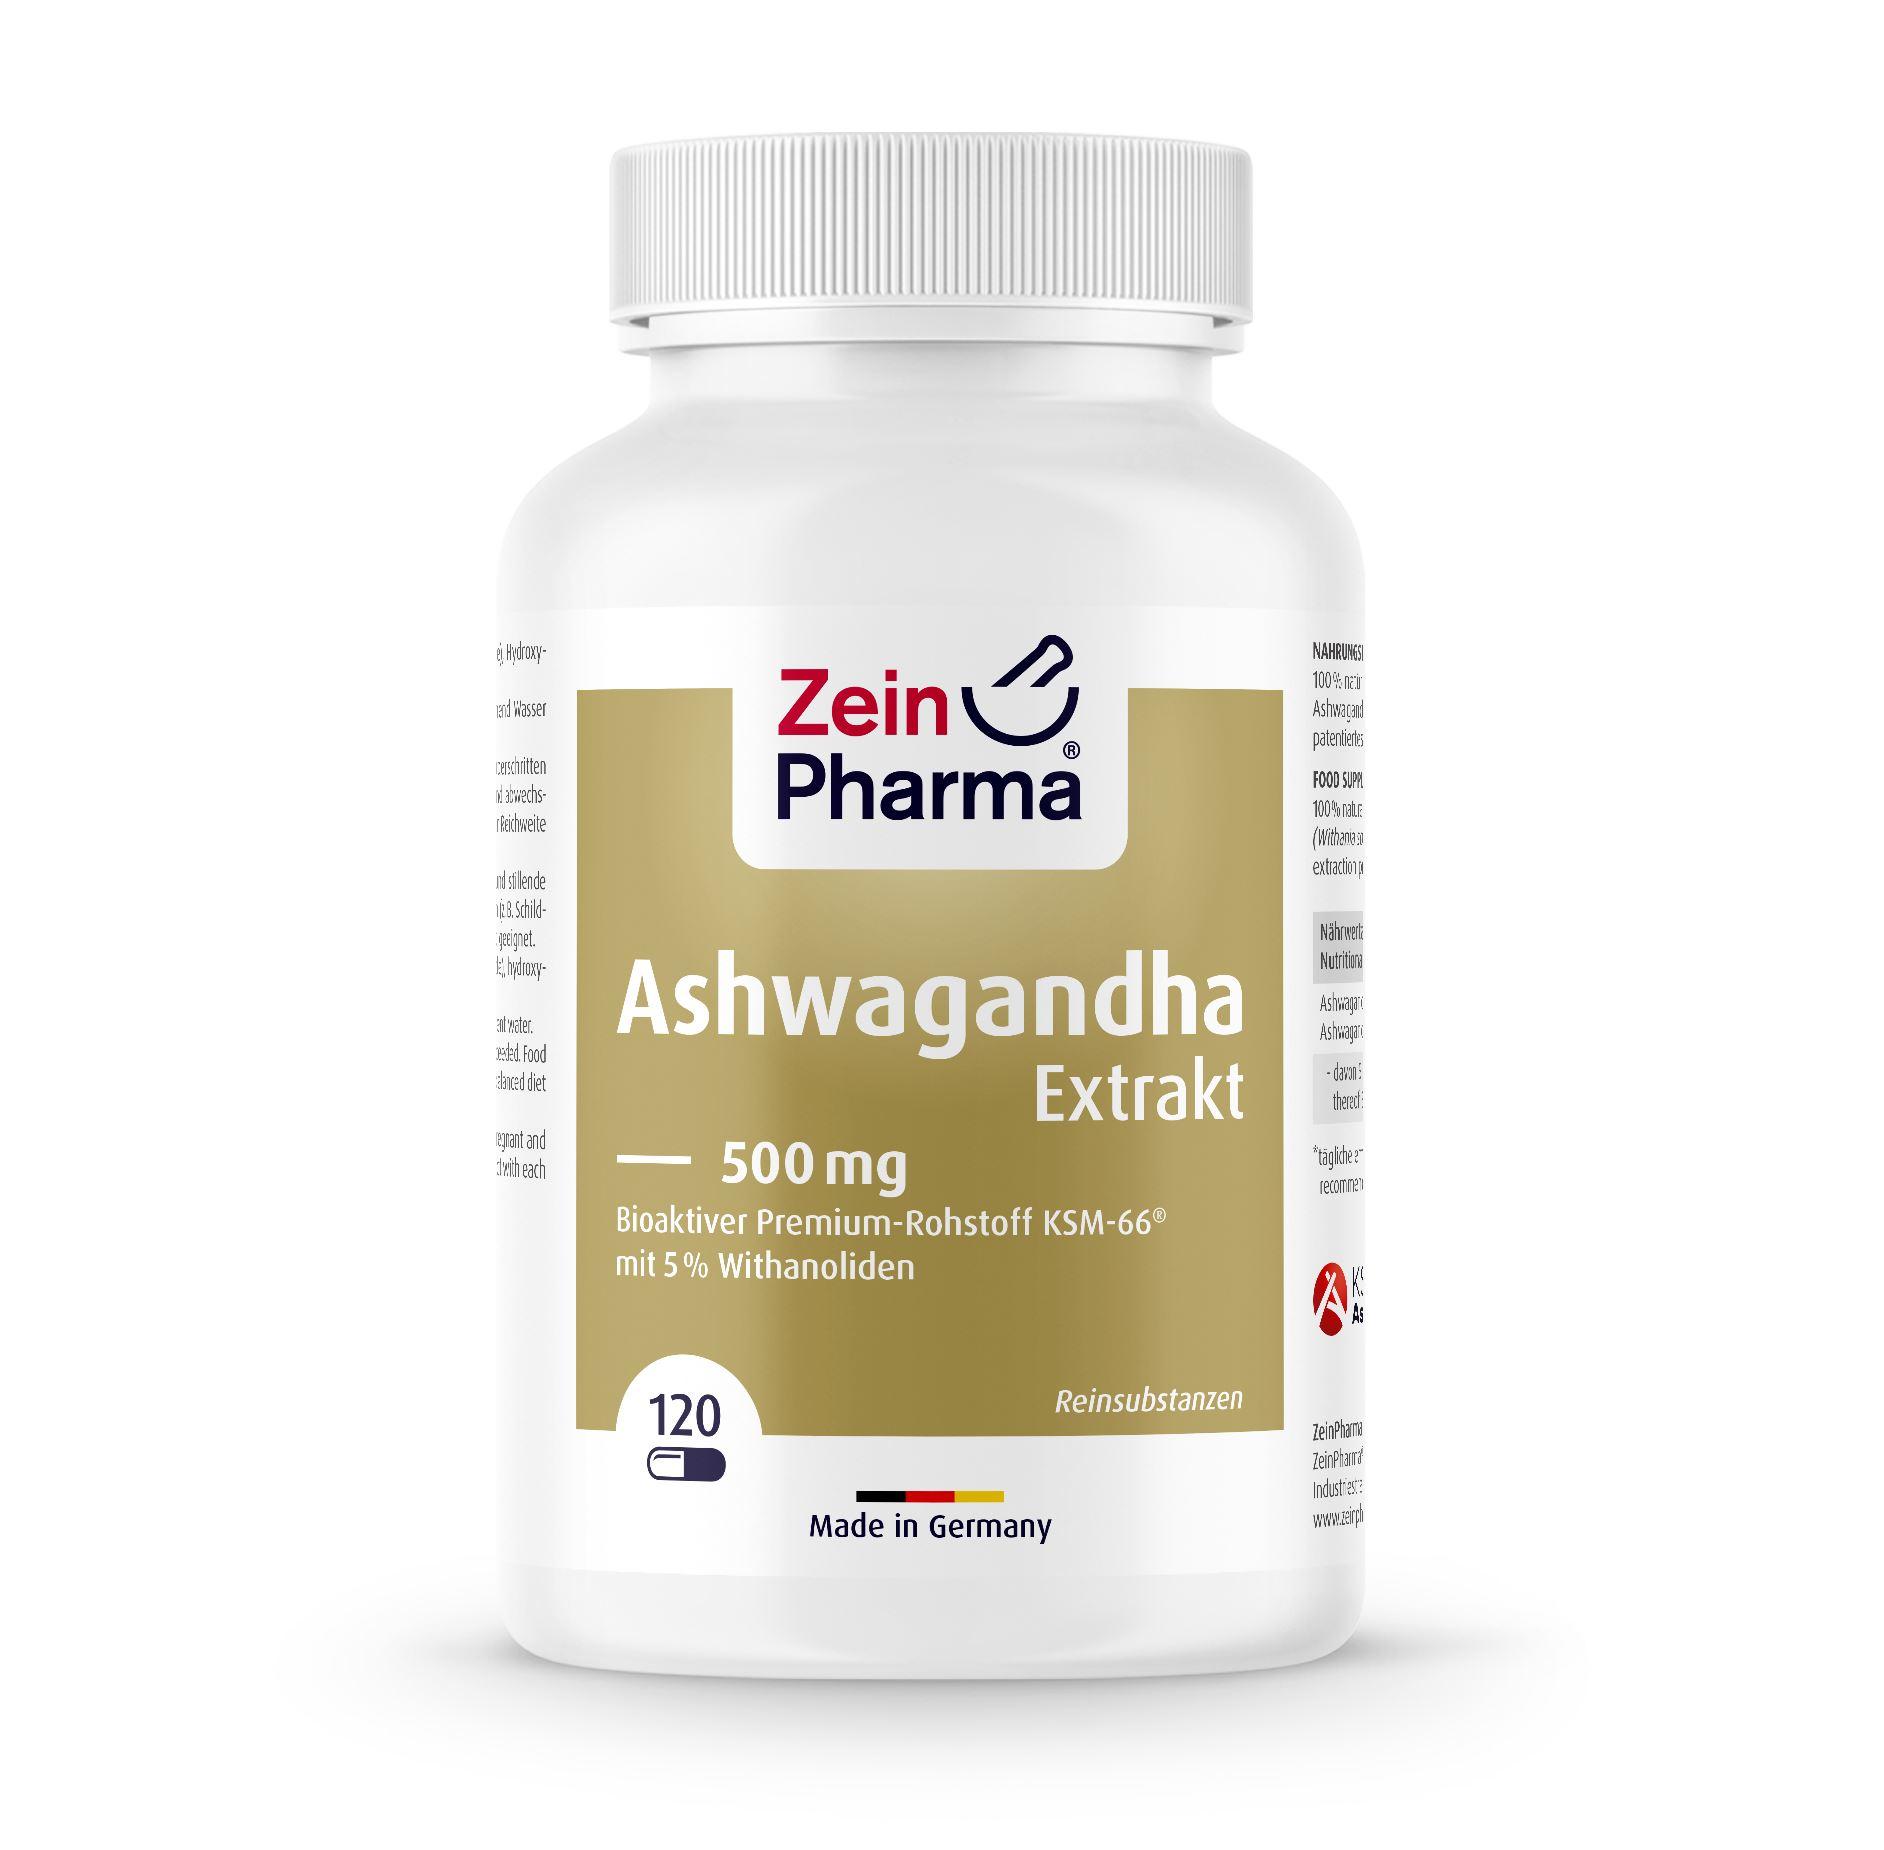 Ashwagandha Extrakt - 120 Kapseln